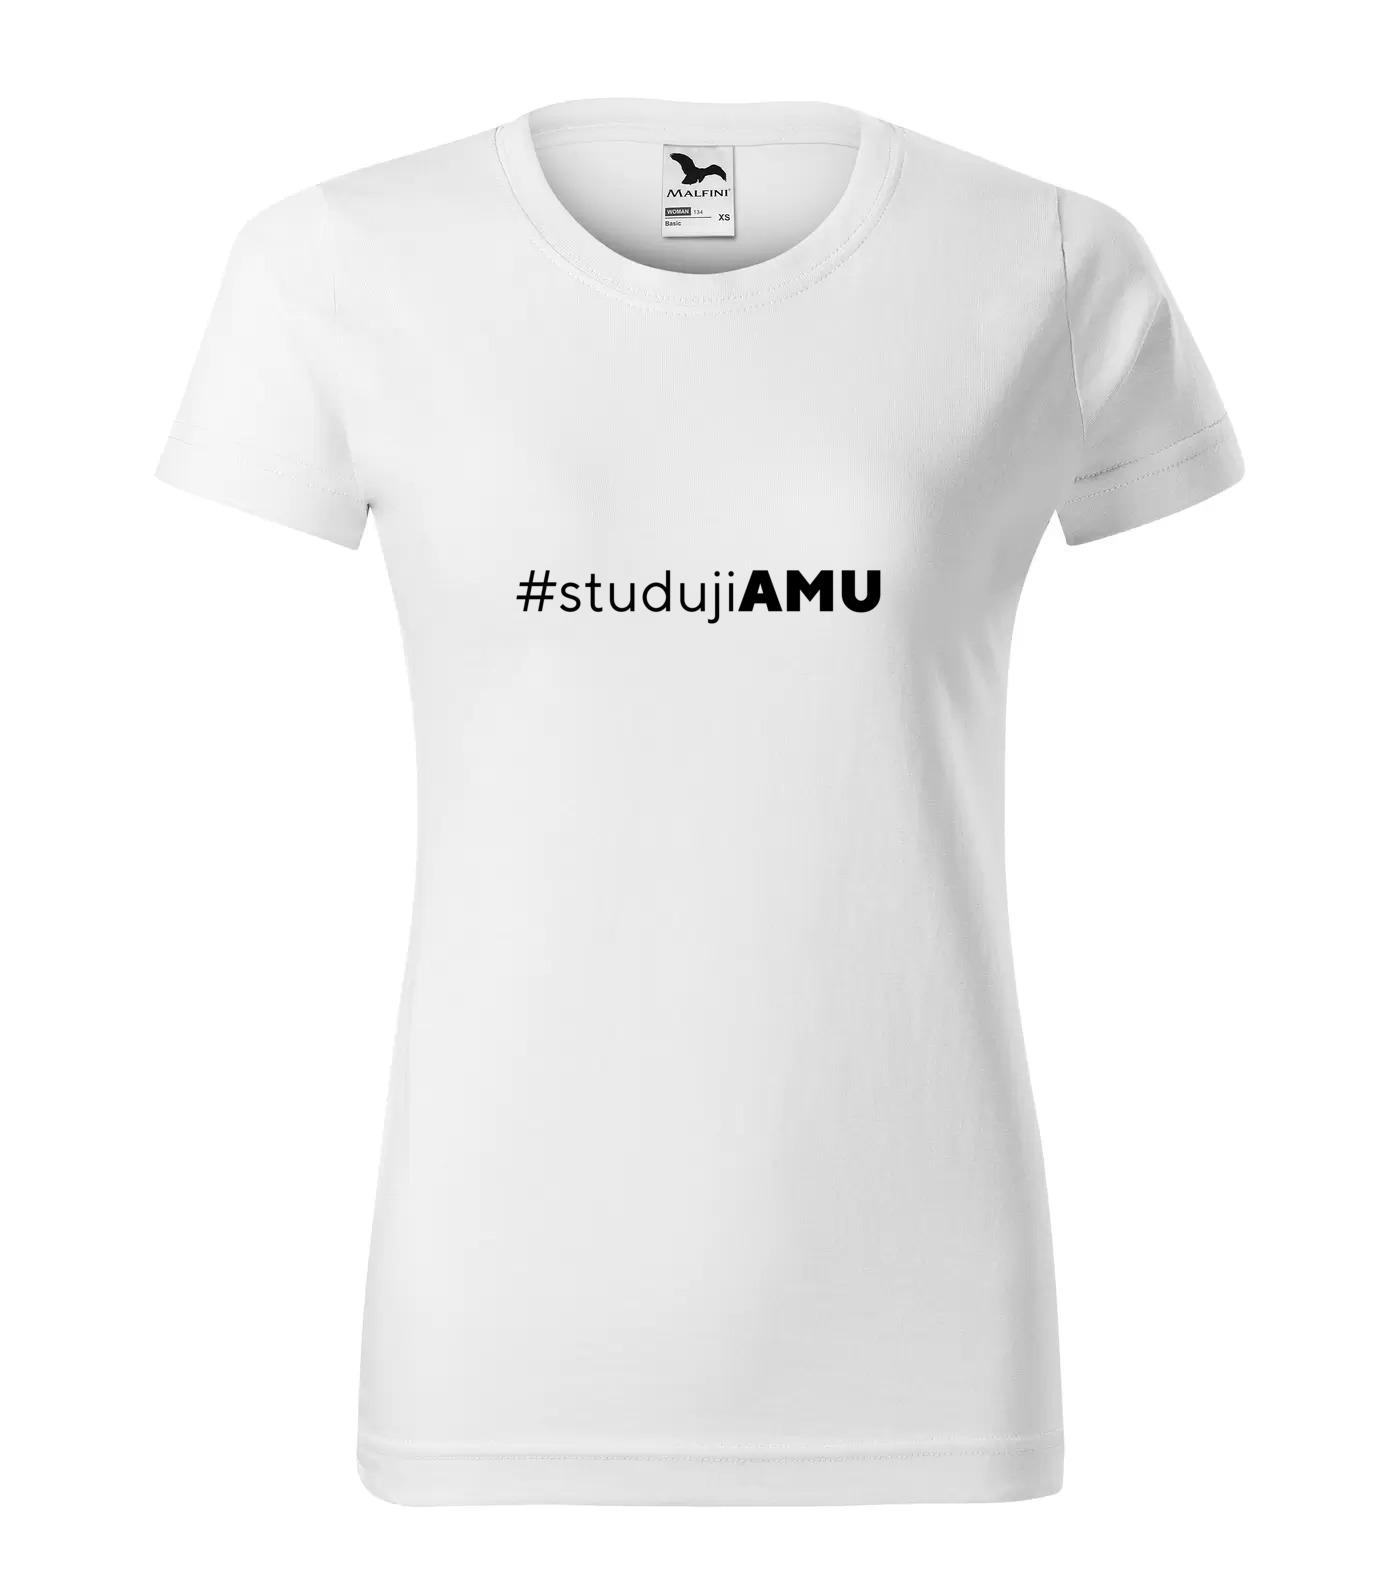 Tričko pro vysokoškoláky Studuji AMU